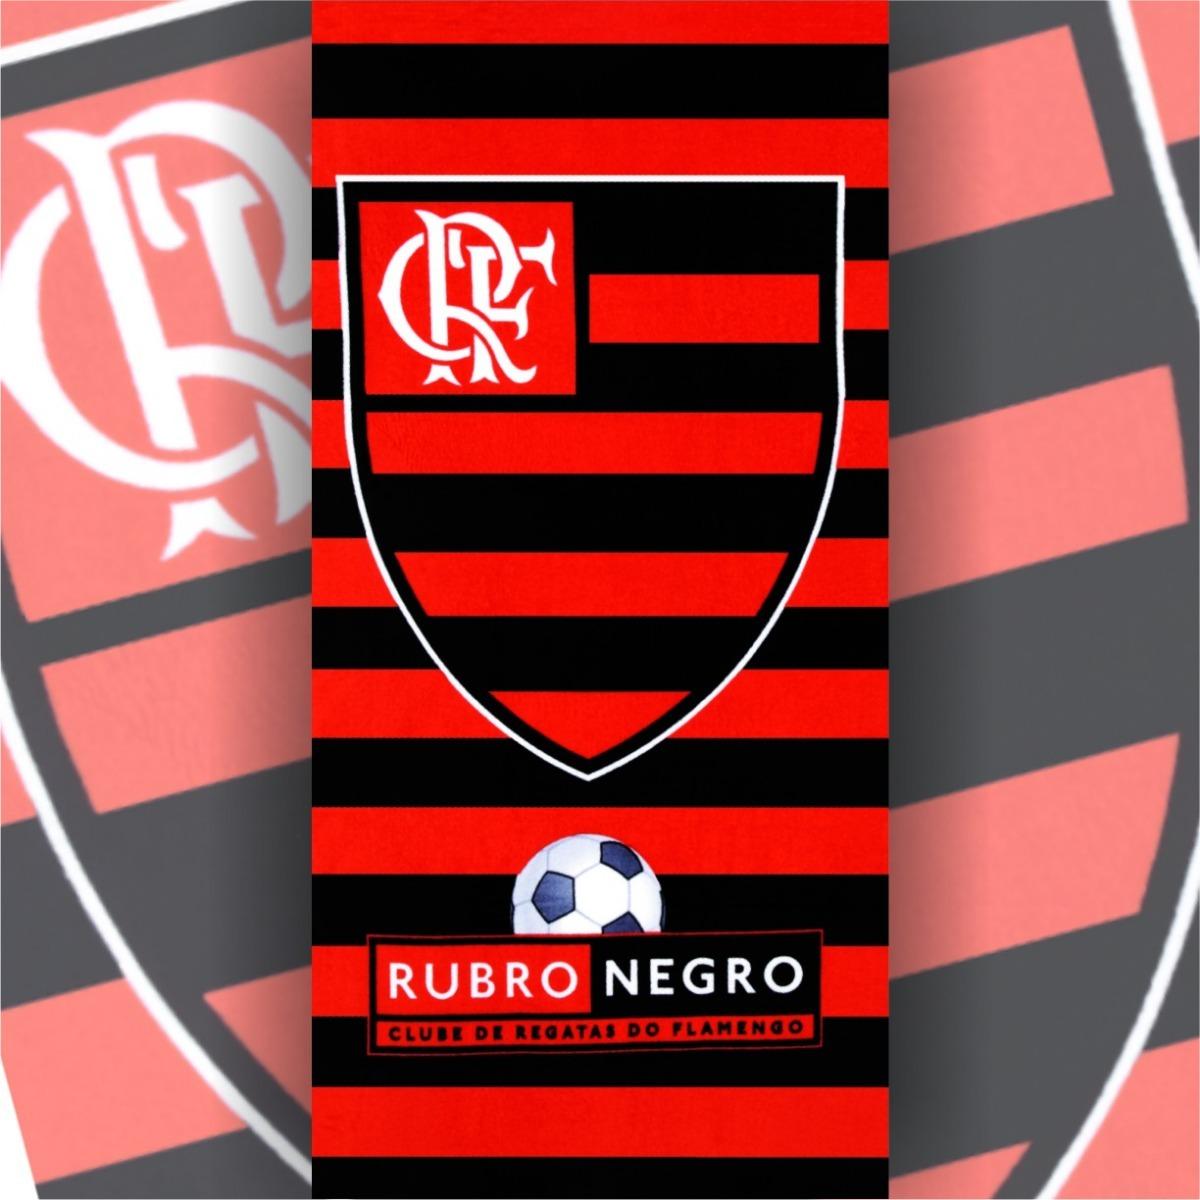 a3bae536aba6 Toalha Praia 100% Algodão Flamengo - Gifran - R$ 49,99 em Mercado Livre